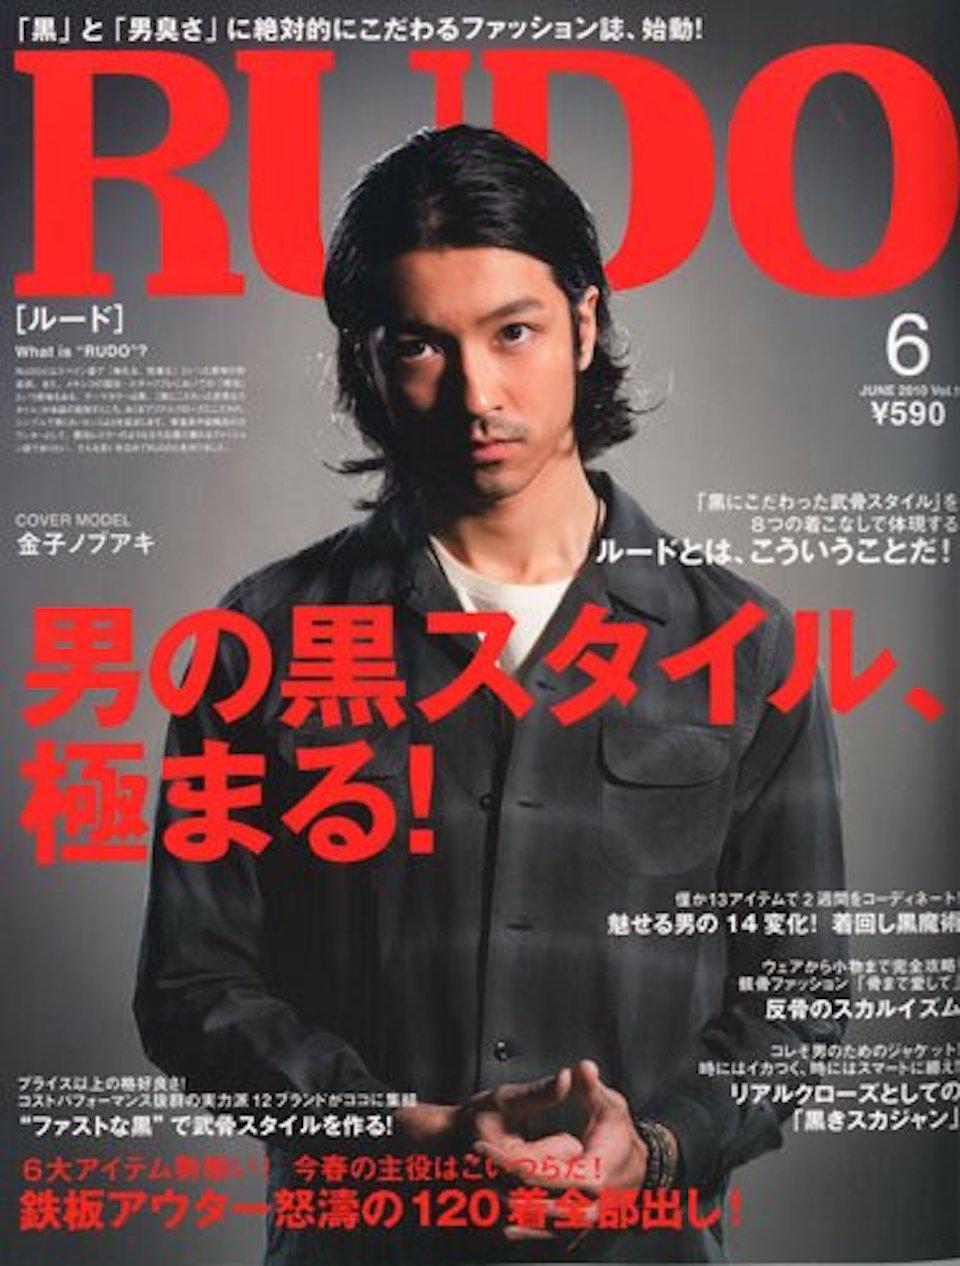 2010.6月号 vol.01